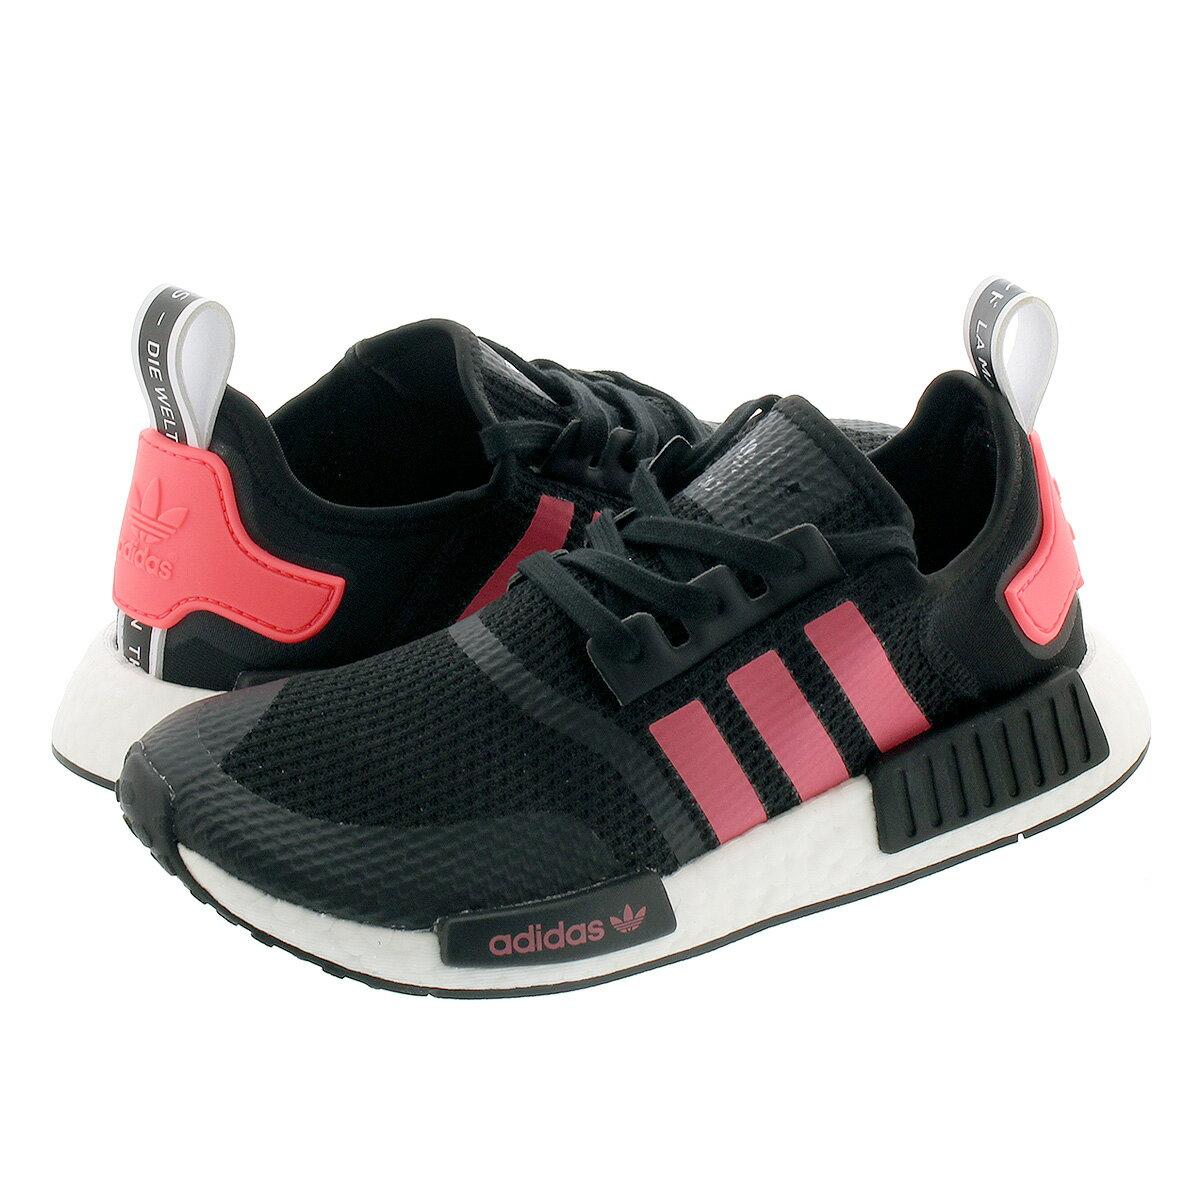 メンズ靴, スニーカー adidas NMDR1 R1 CORE BLACKSIGNAL PINKFTWR WHITE fv9153